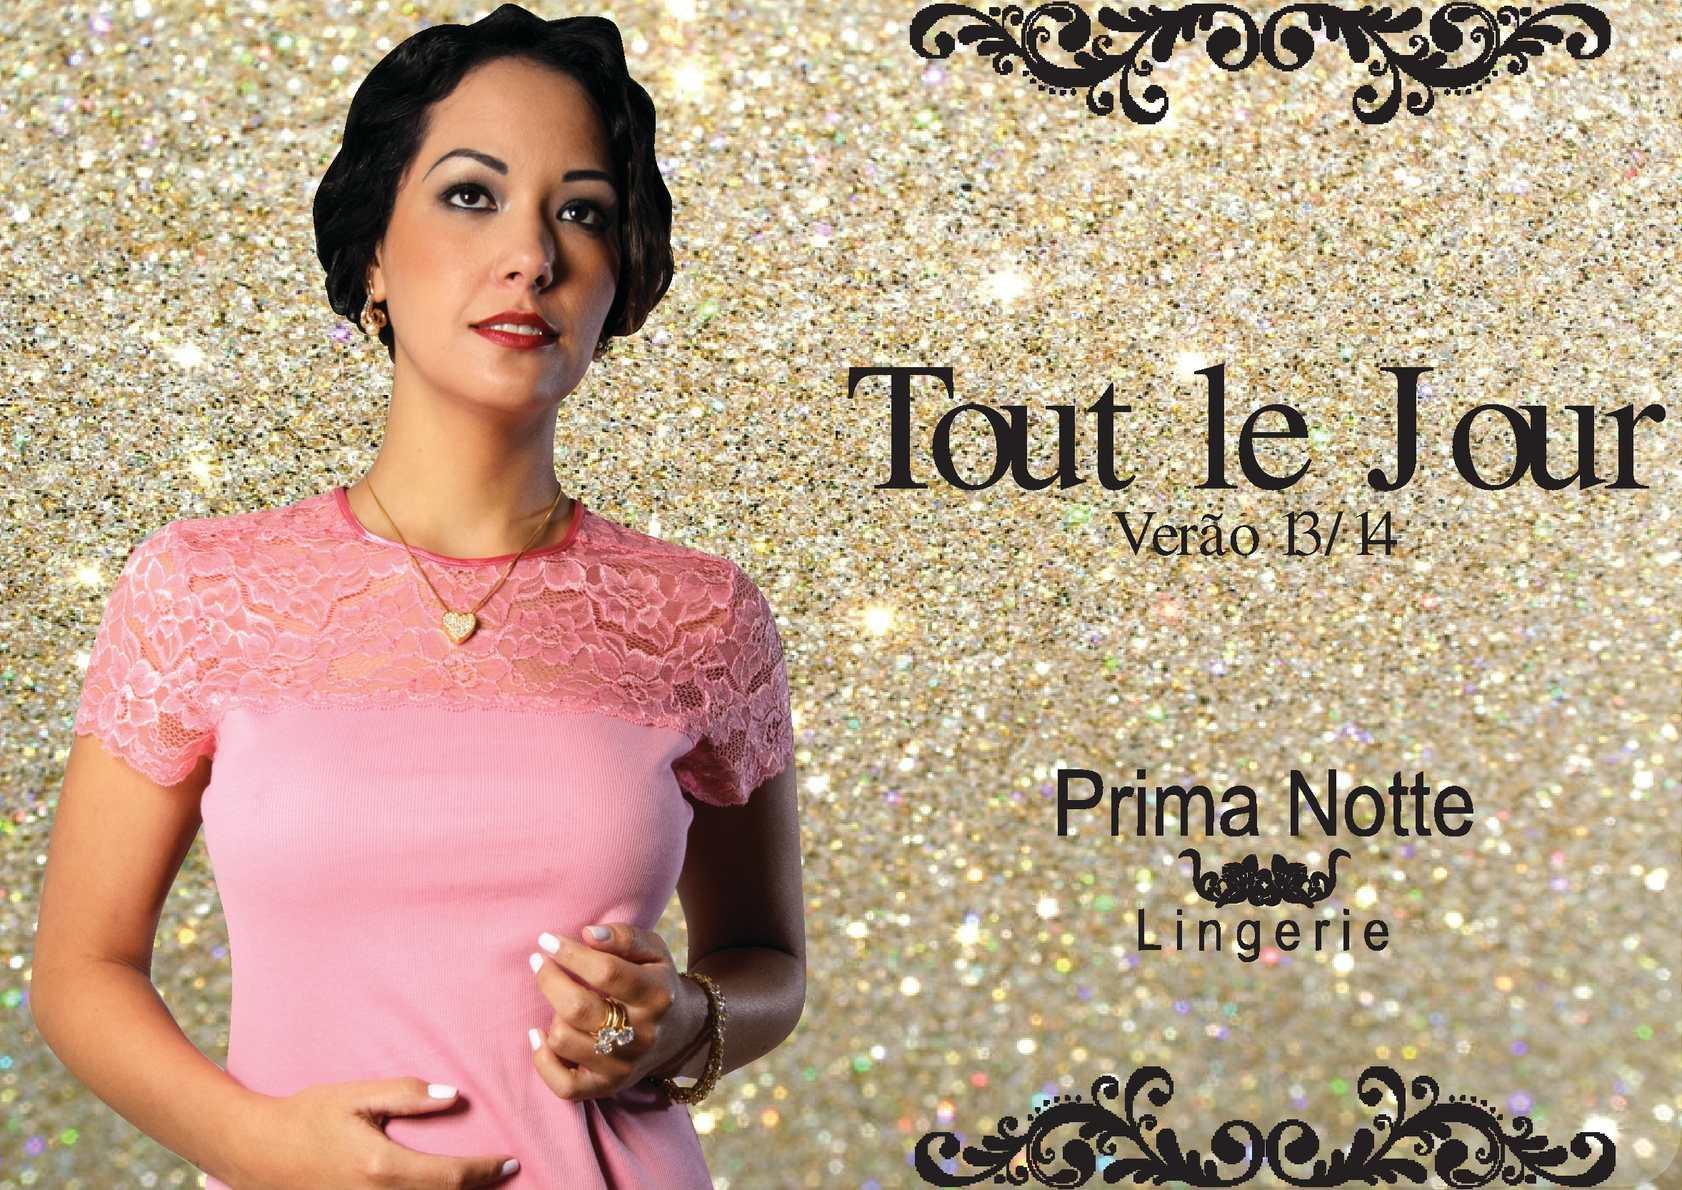 Catálogo Camisetes - Linha Tout le Jour - PRIMA NOTTE LINGERIE®